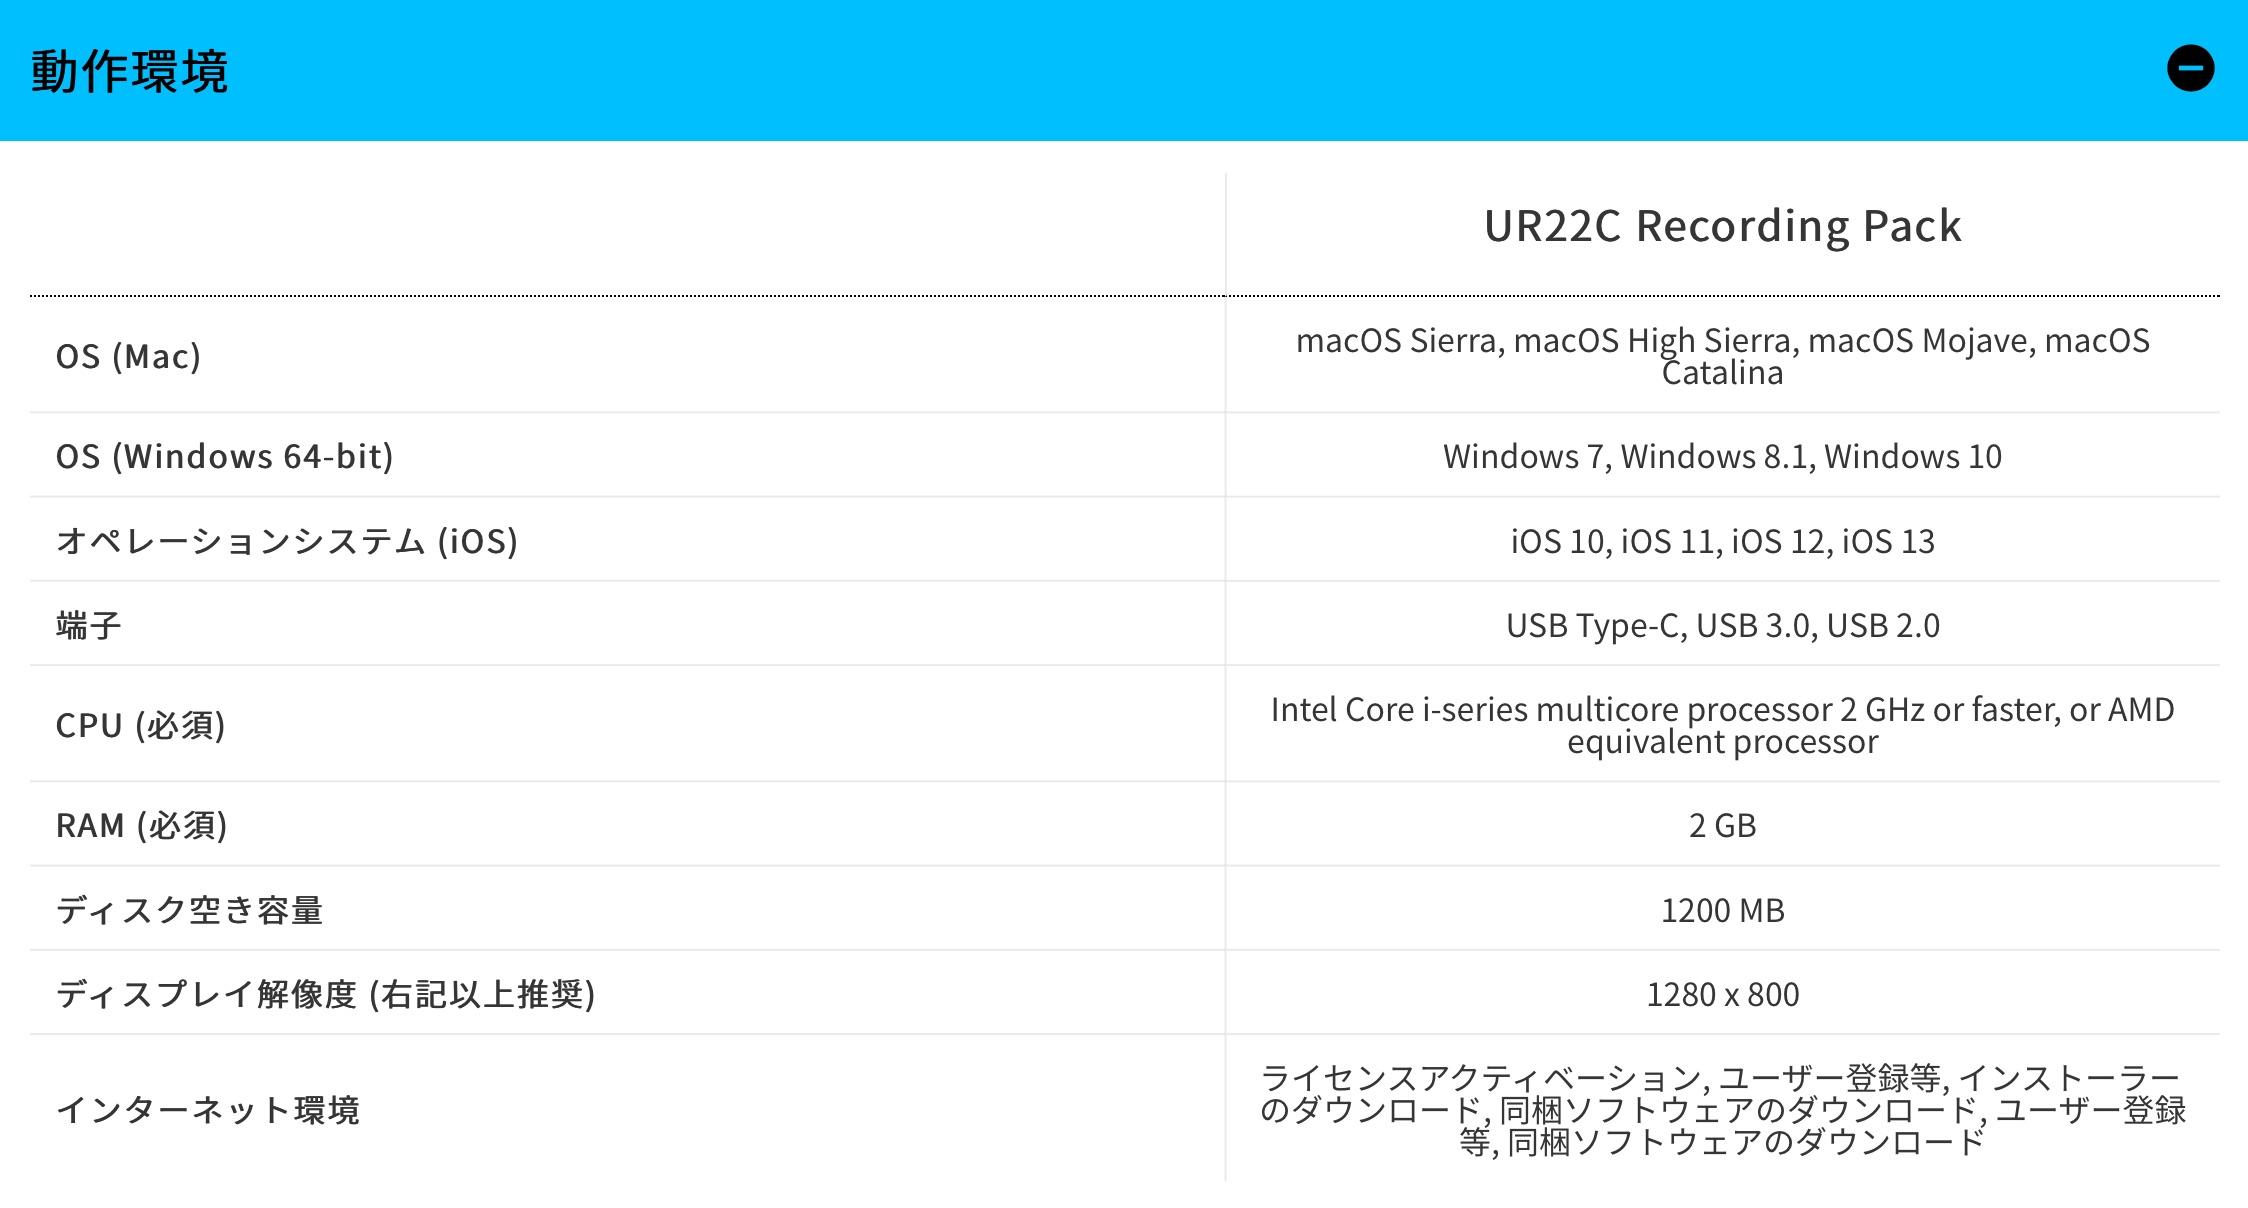 UR22C_Recording_Pack_動作環境